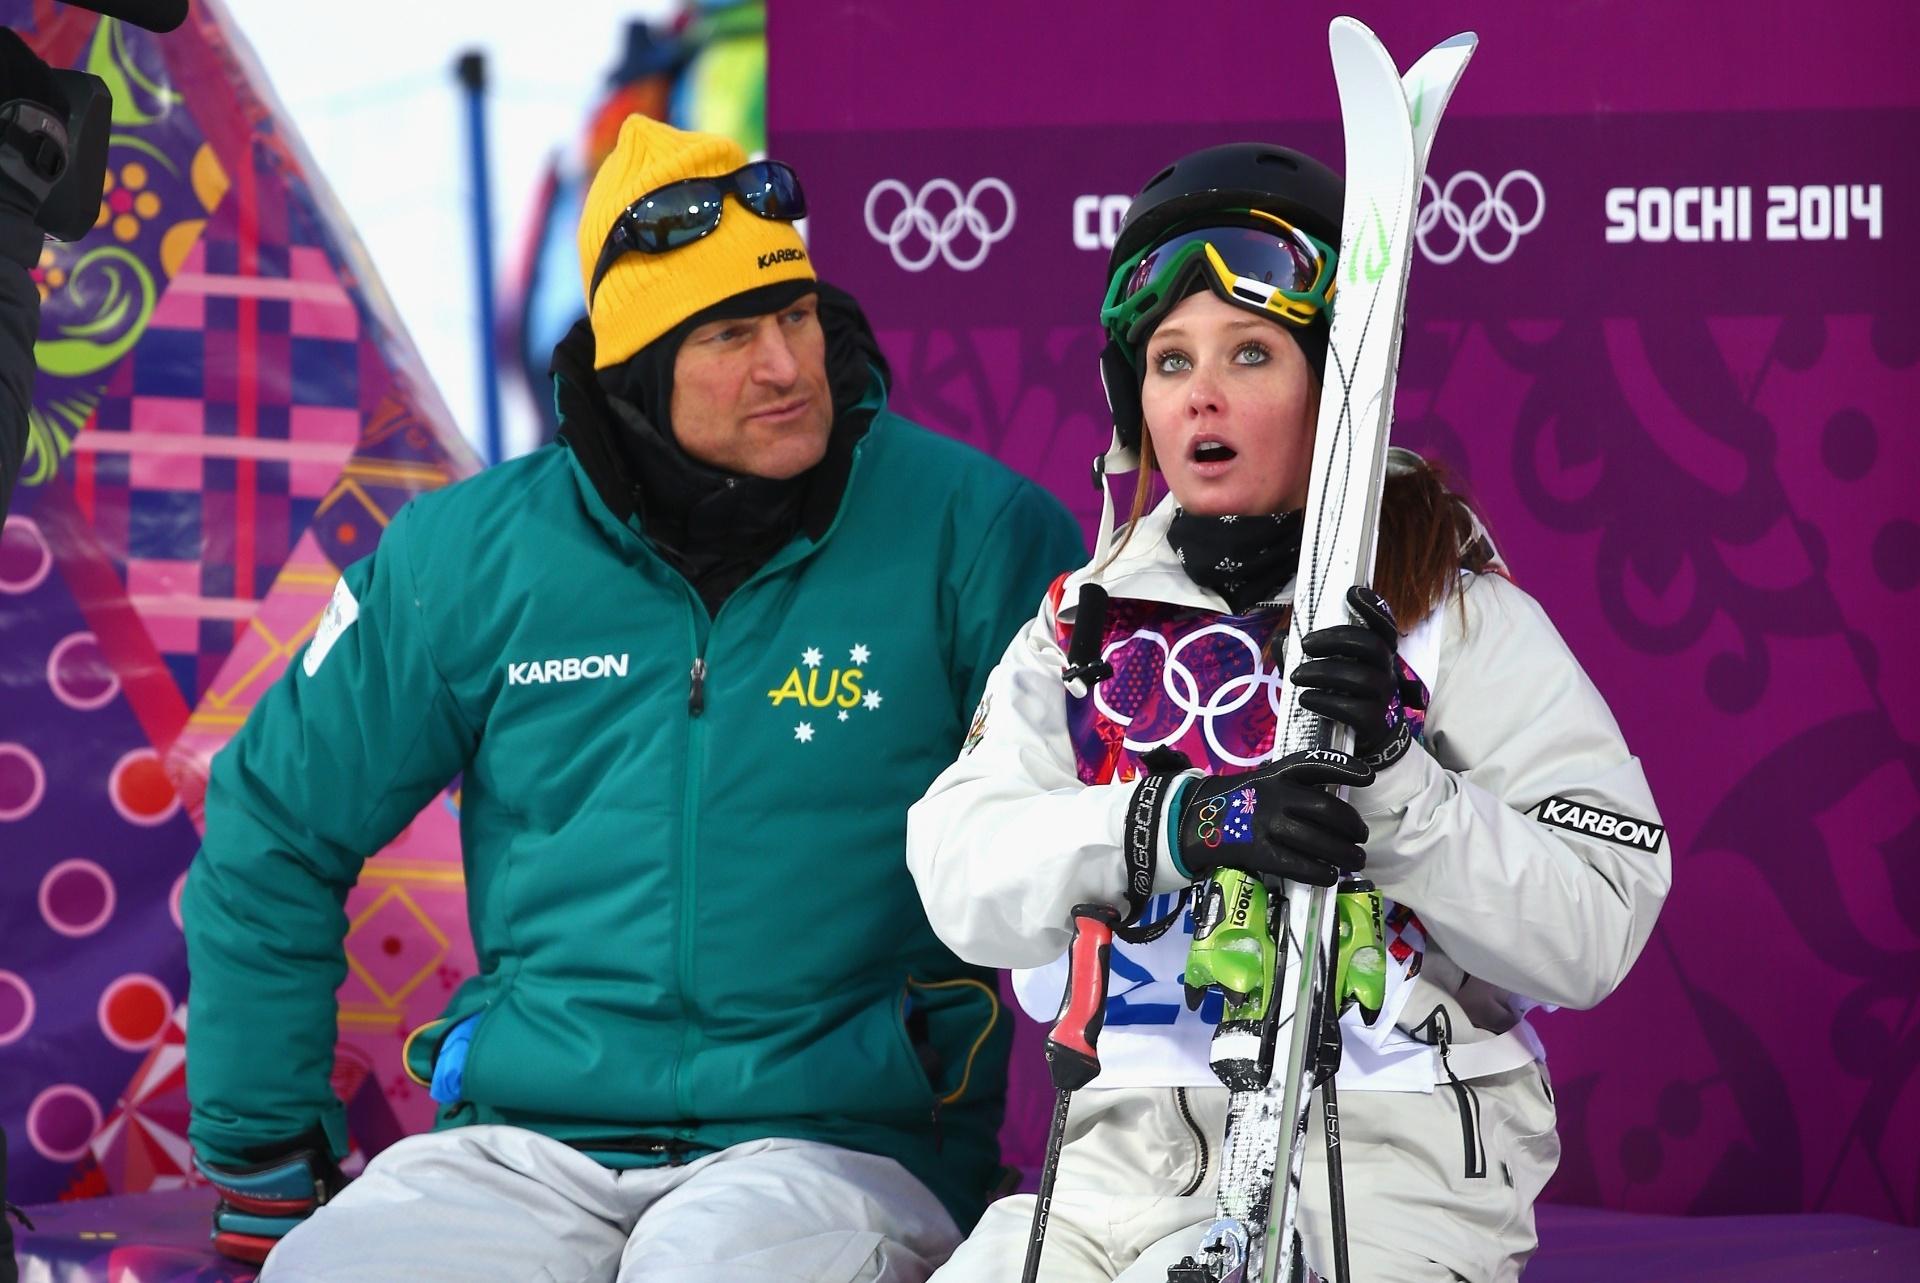 08.02.2014 - Taylah O'Neill, da Austrália, estava assustada com seu desempenho no ski freestyle ou com a cara de bravo do seu técnico?